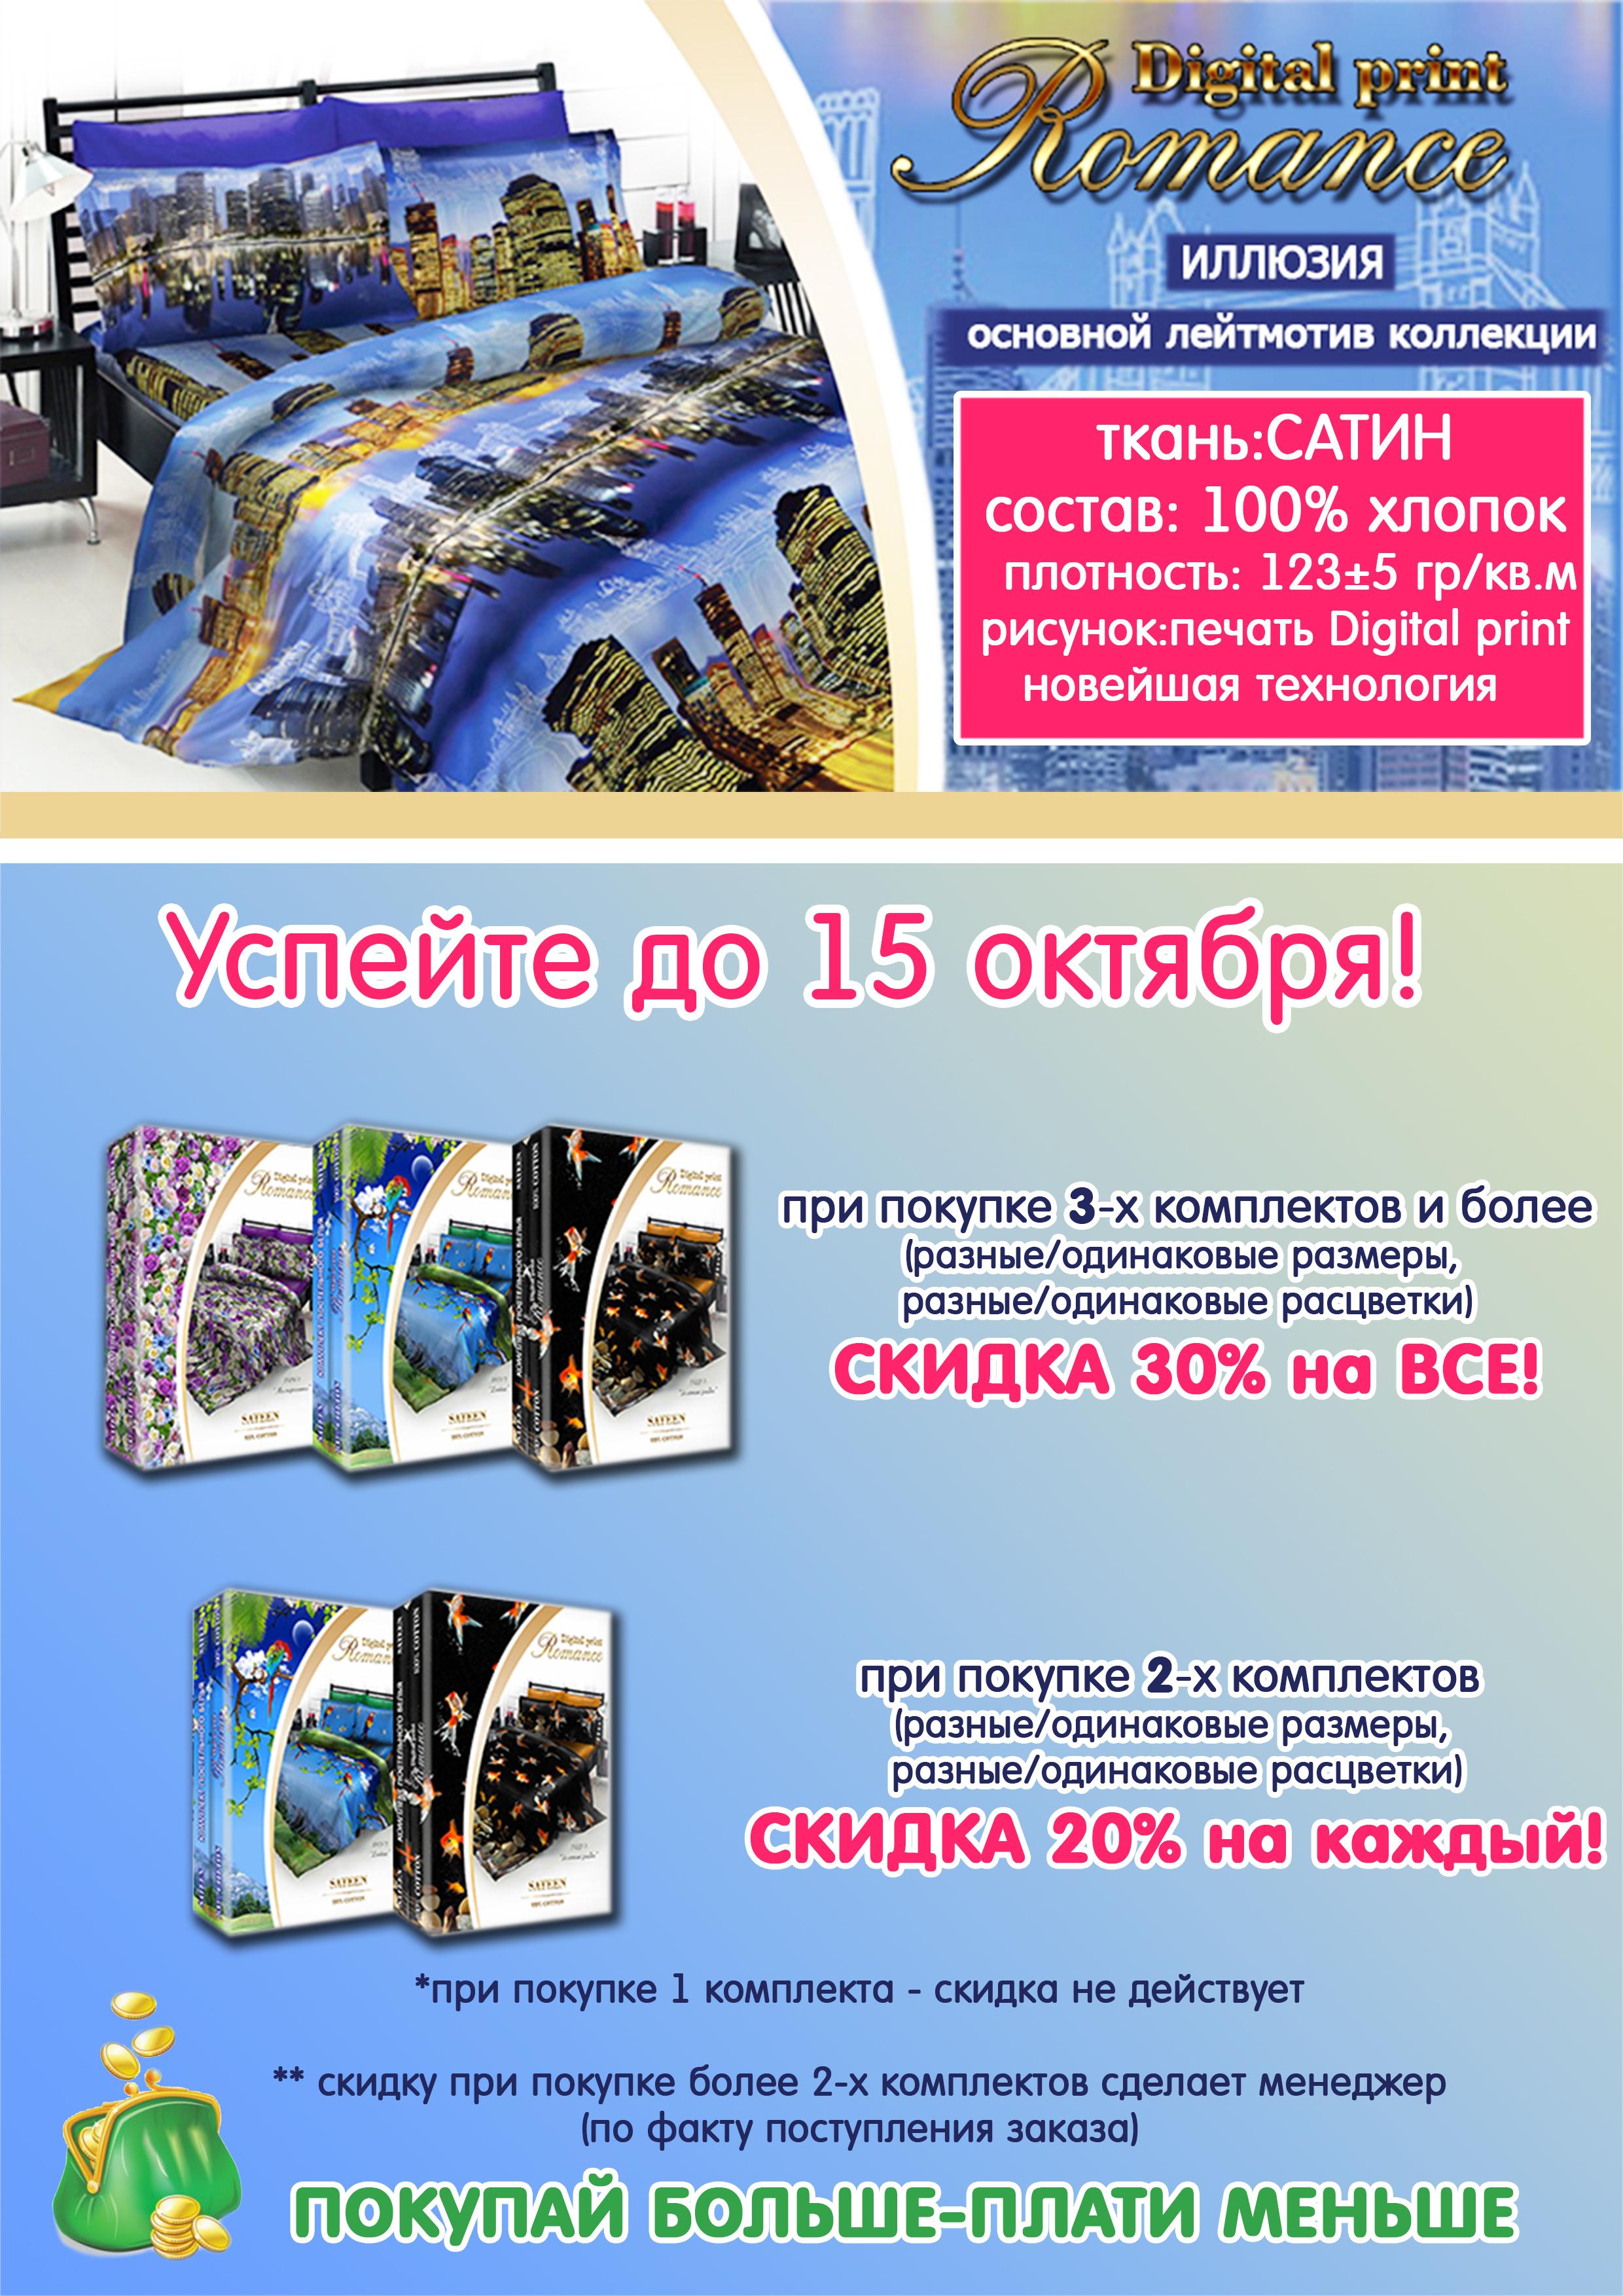 481a57712bea Новость от Best-textile.ru - Постельное белье САТИН, рисунок 3D, вся ...